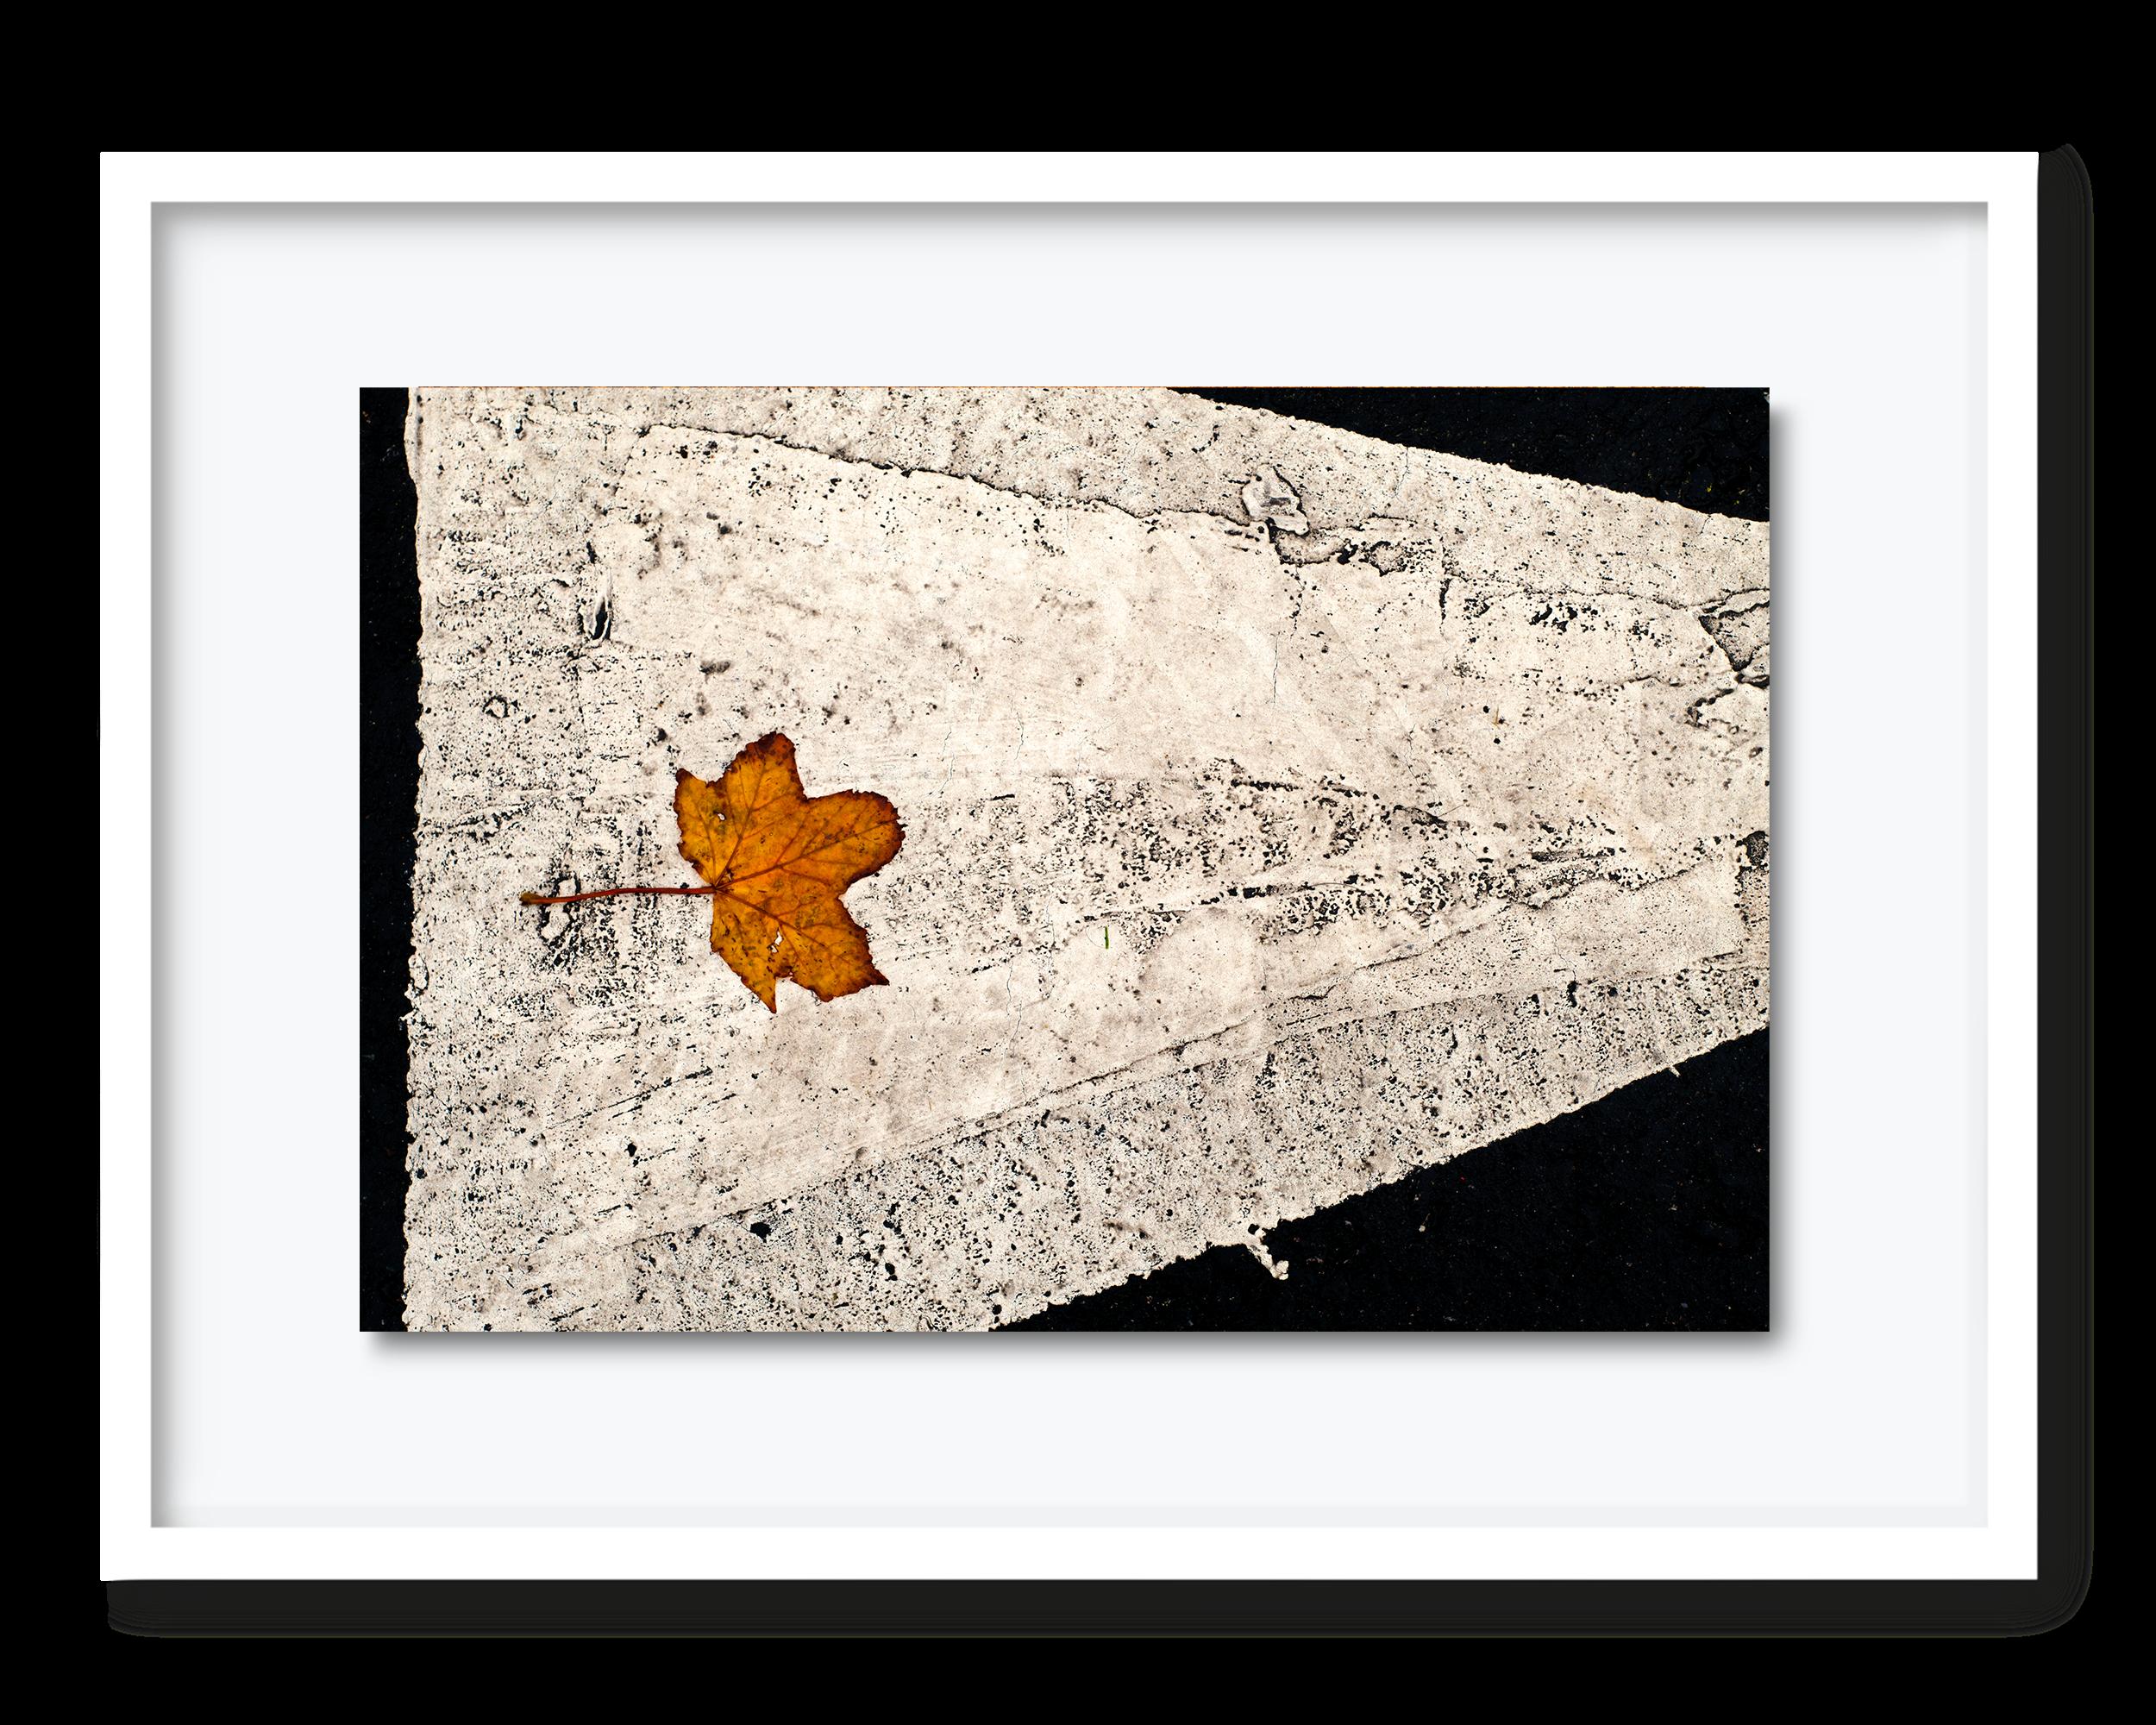 45.david-pearce-road-marking.png